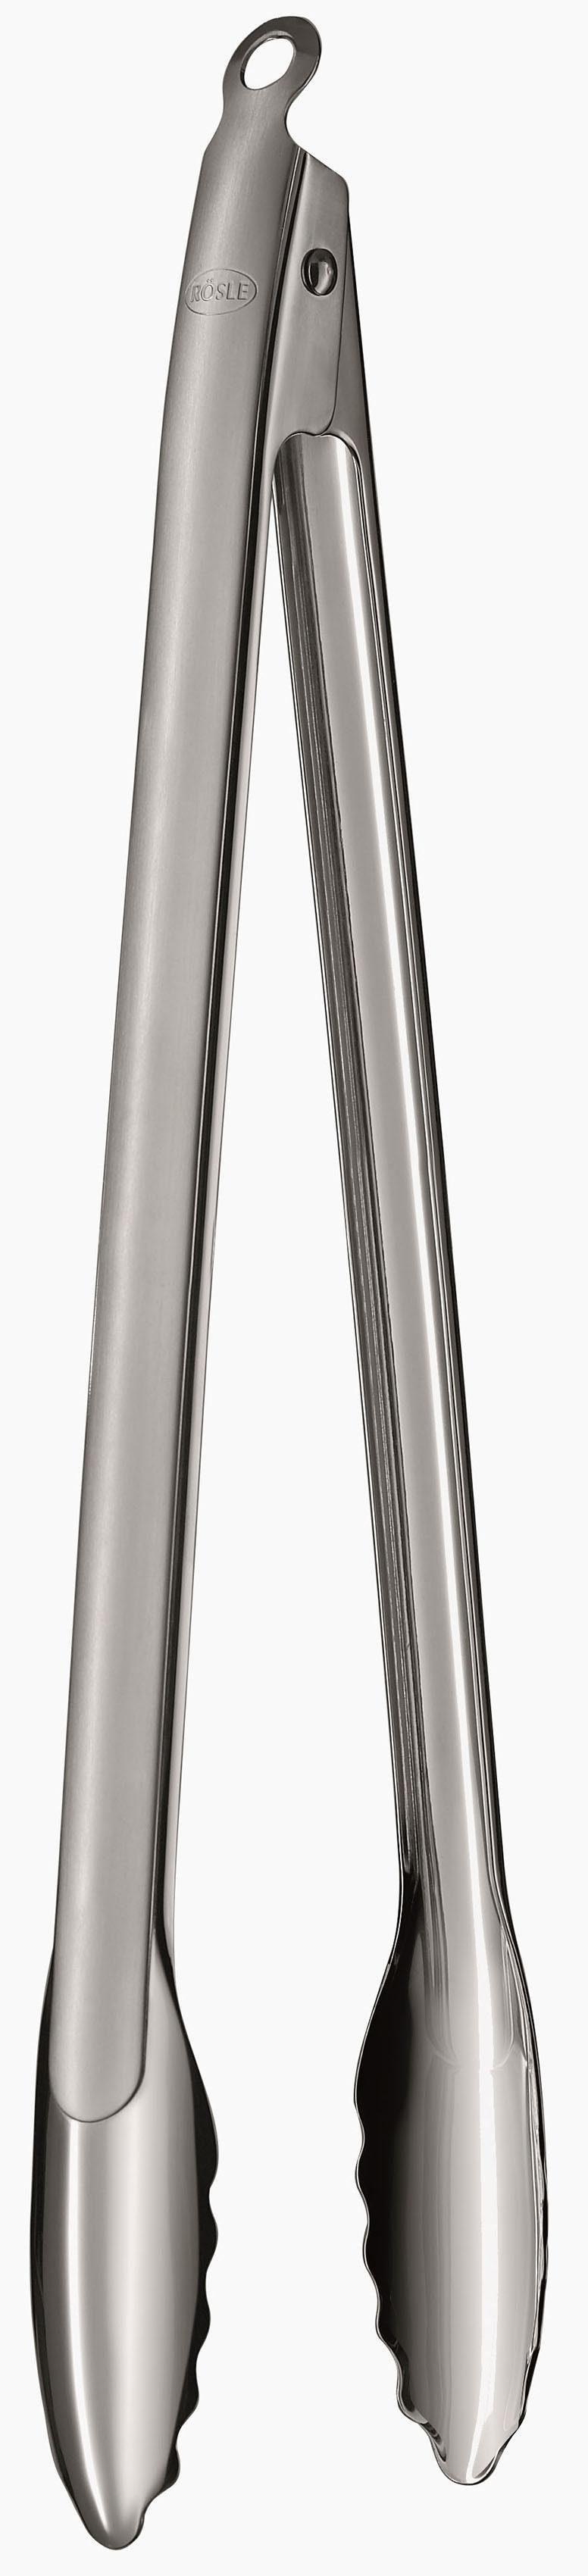 RÖSLE BBQ Grillzange, 40 cm, Edelstahl 18/10